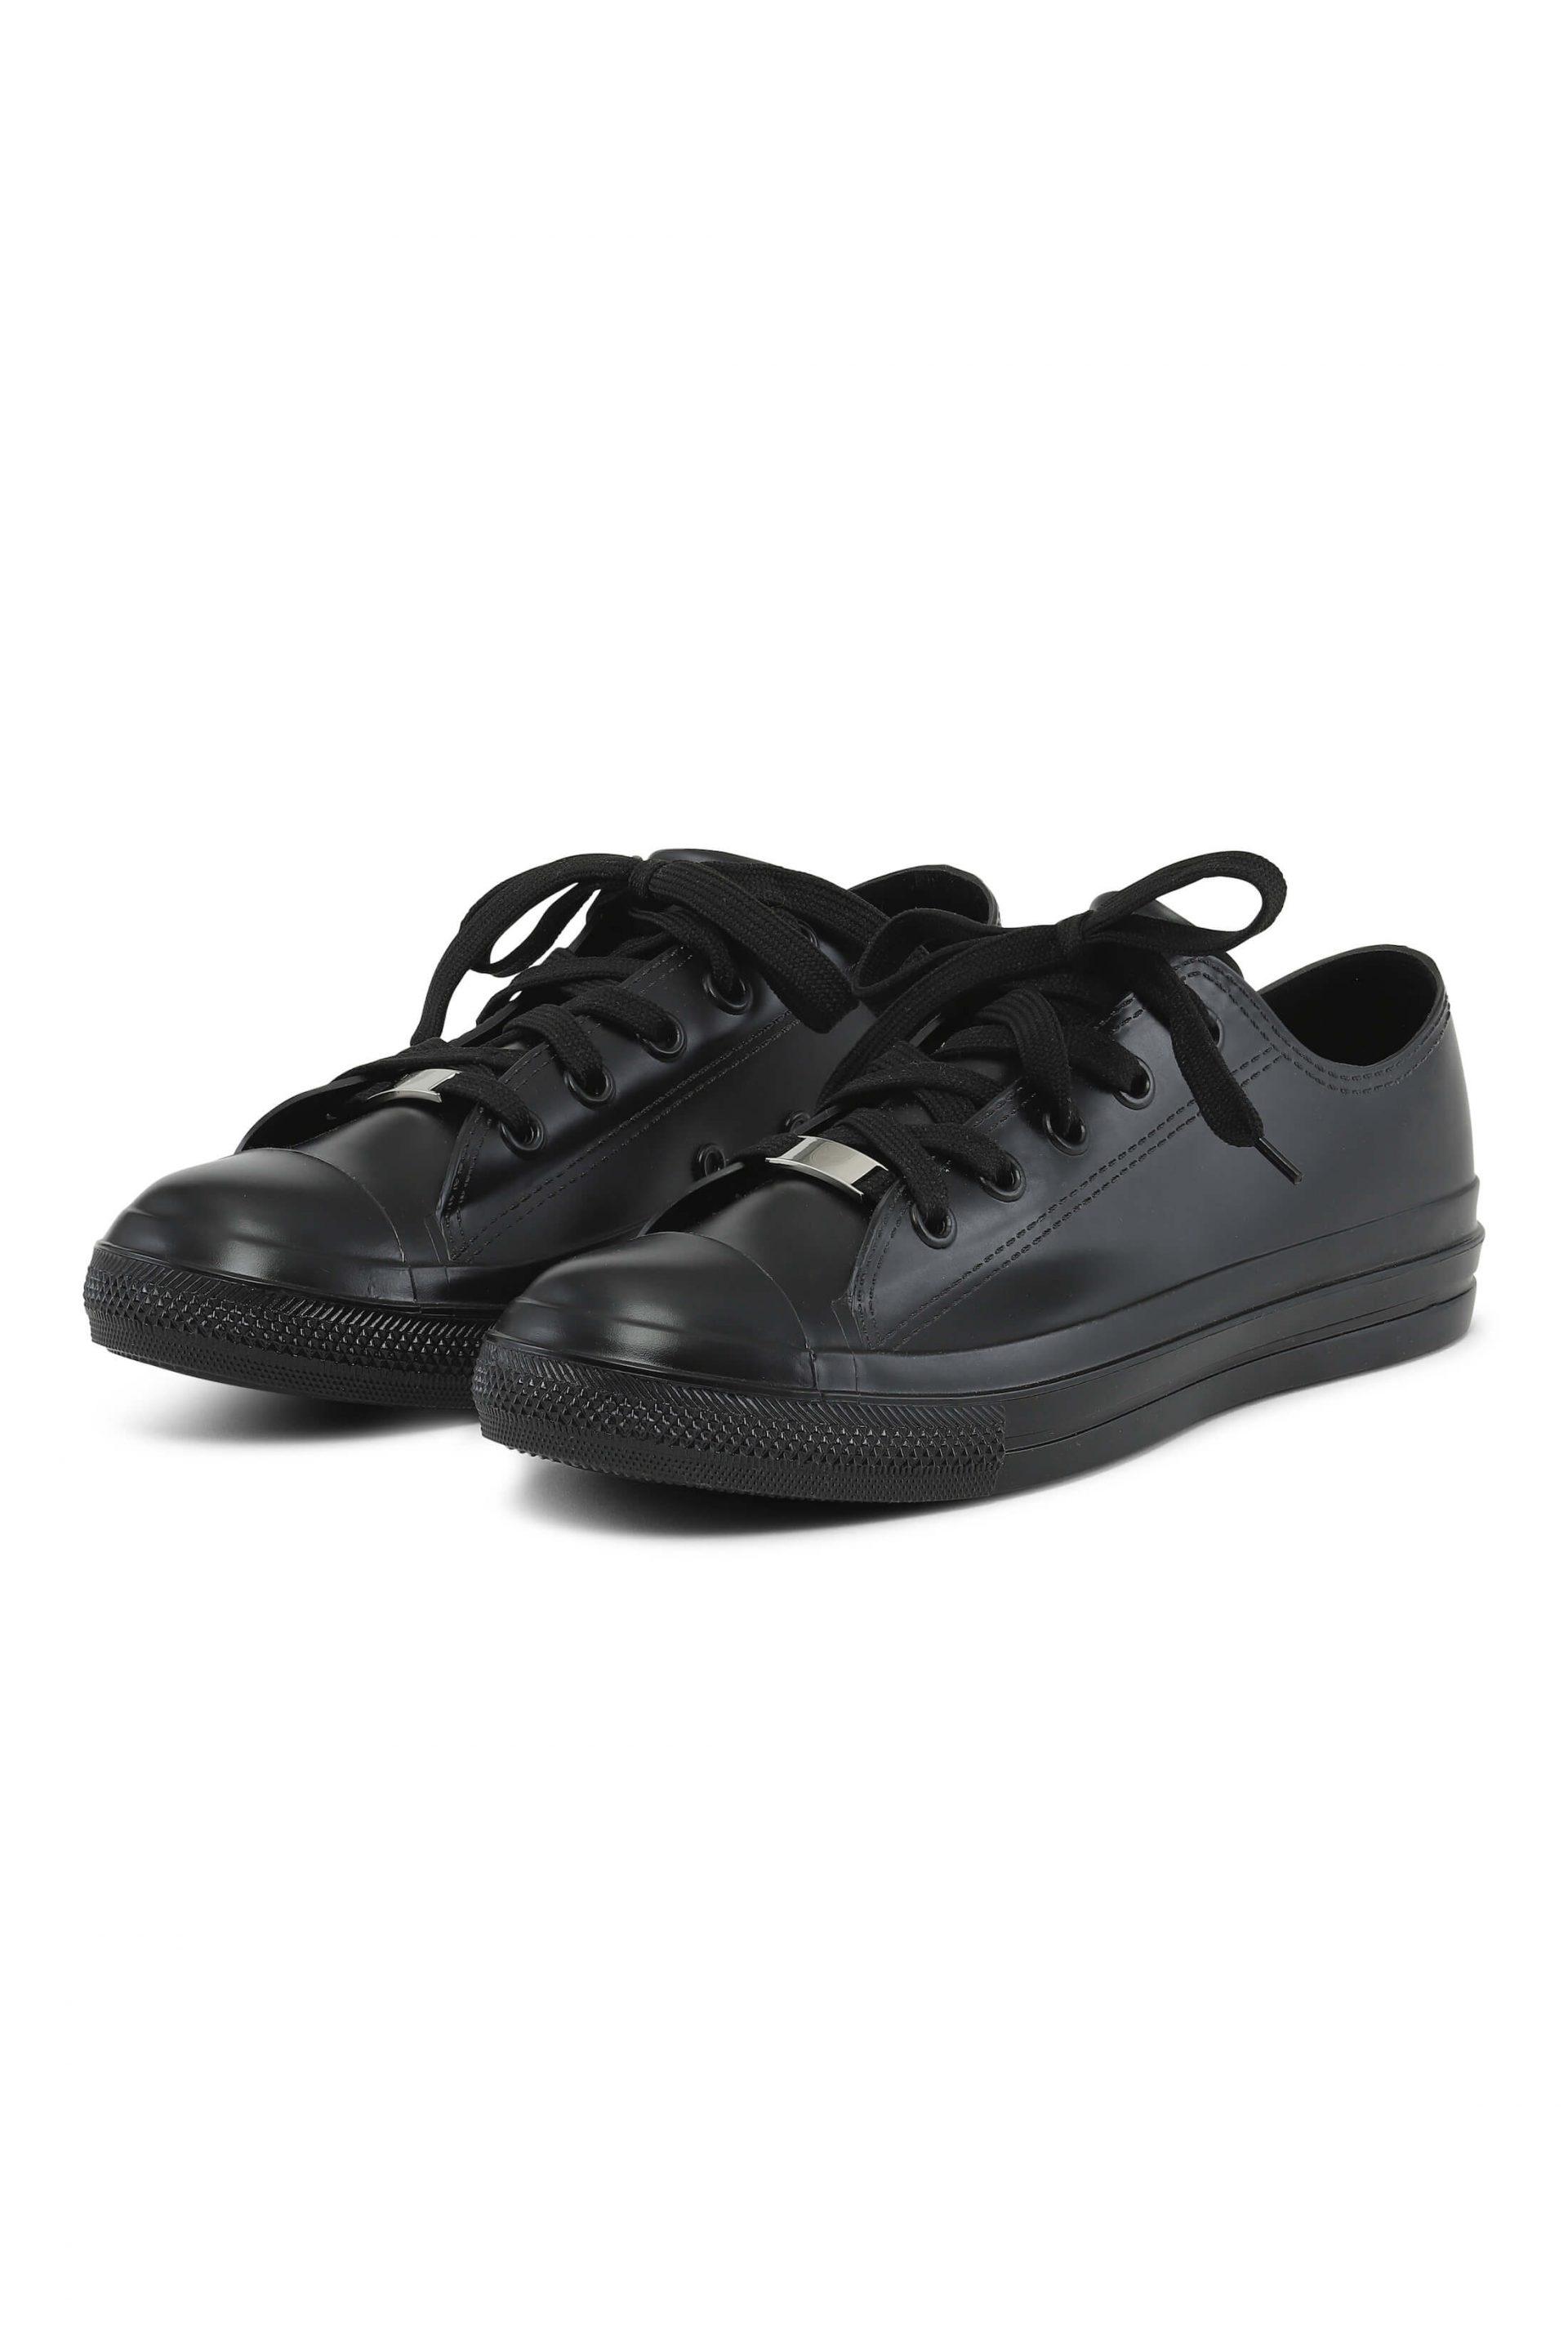 Black water-resistant sneakers